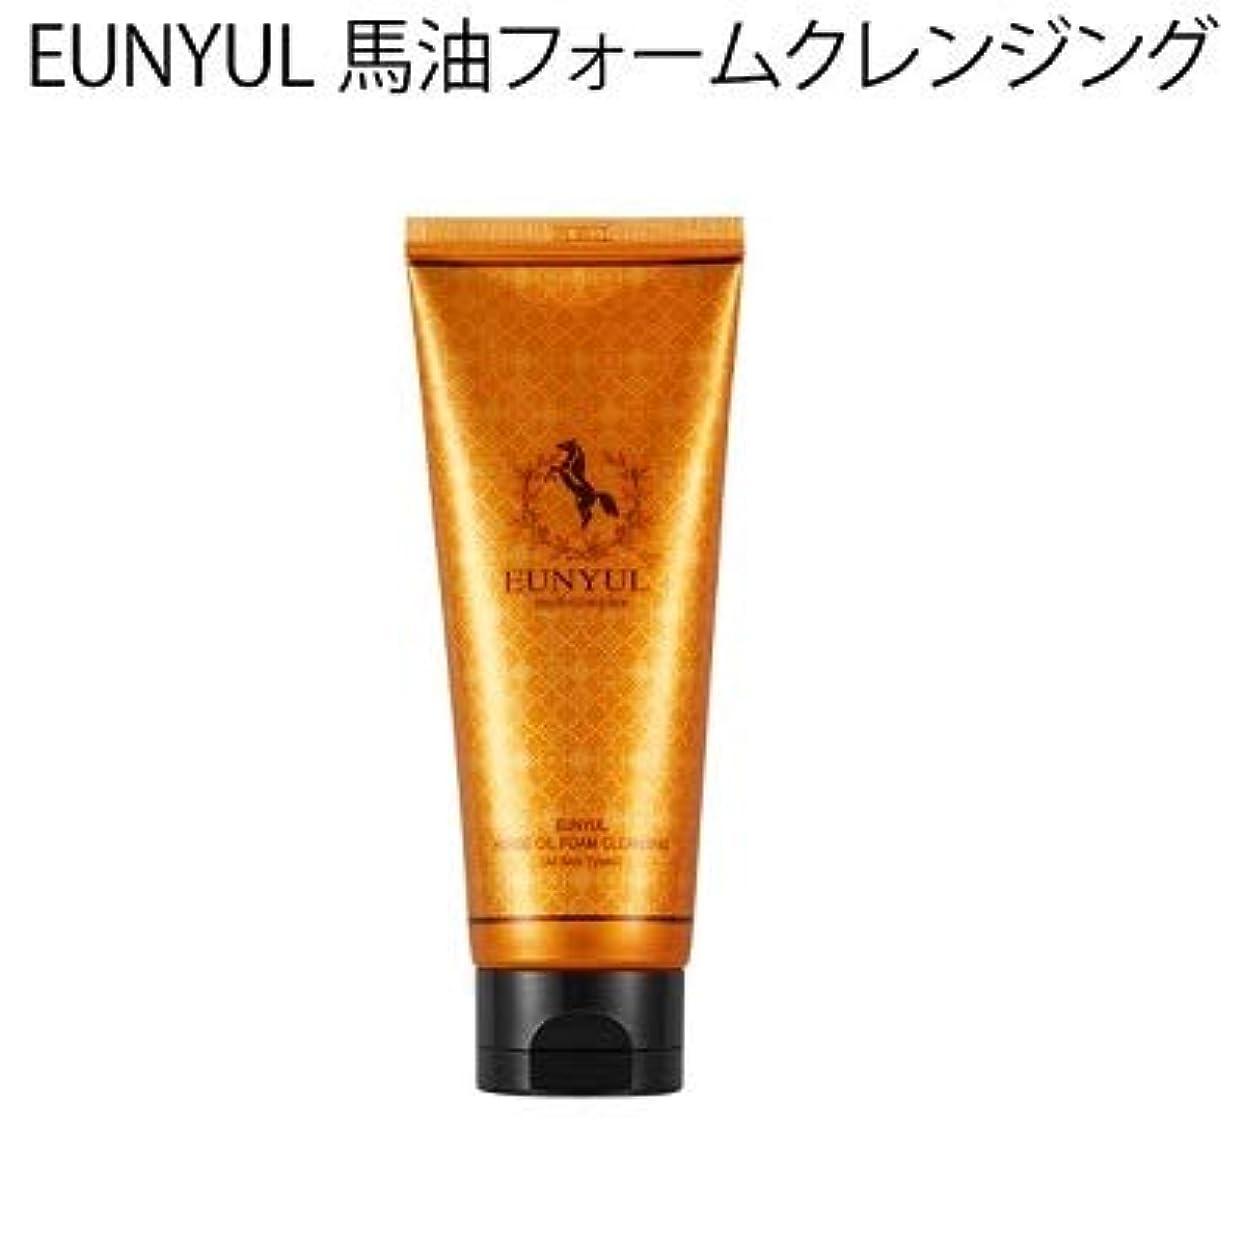 任命反応する申込み韓国 EUNYUL 馬油フォームクレンジング 洗顔フォーム(150ml)